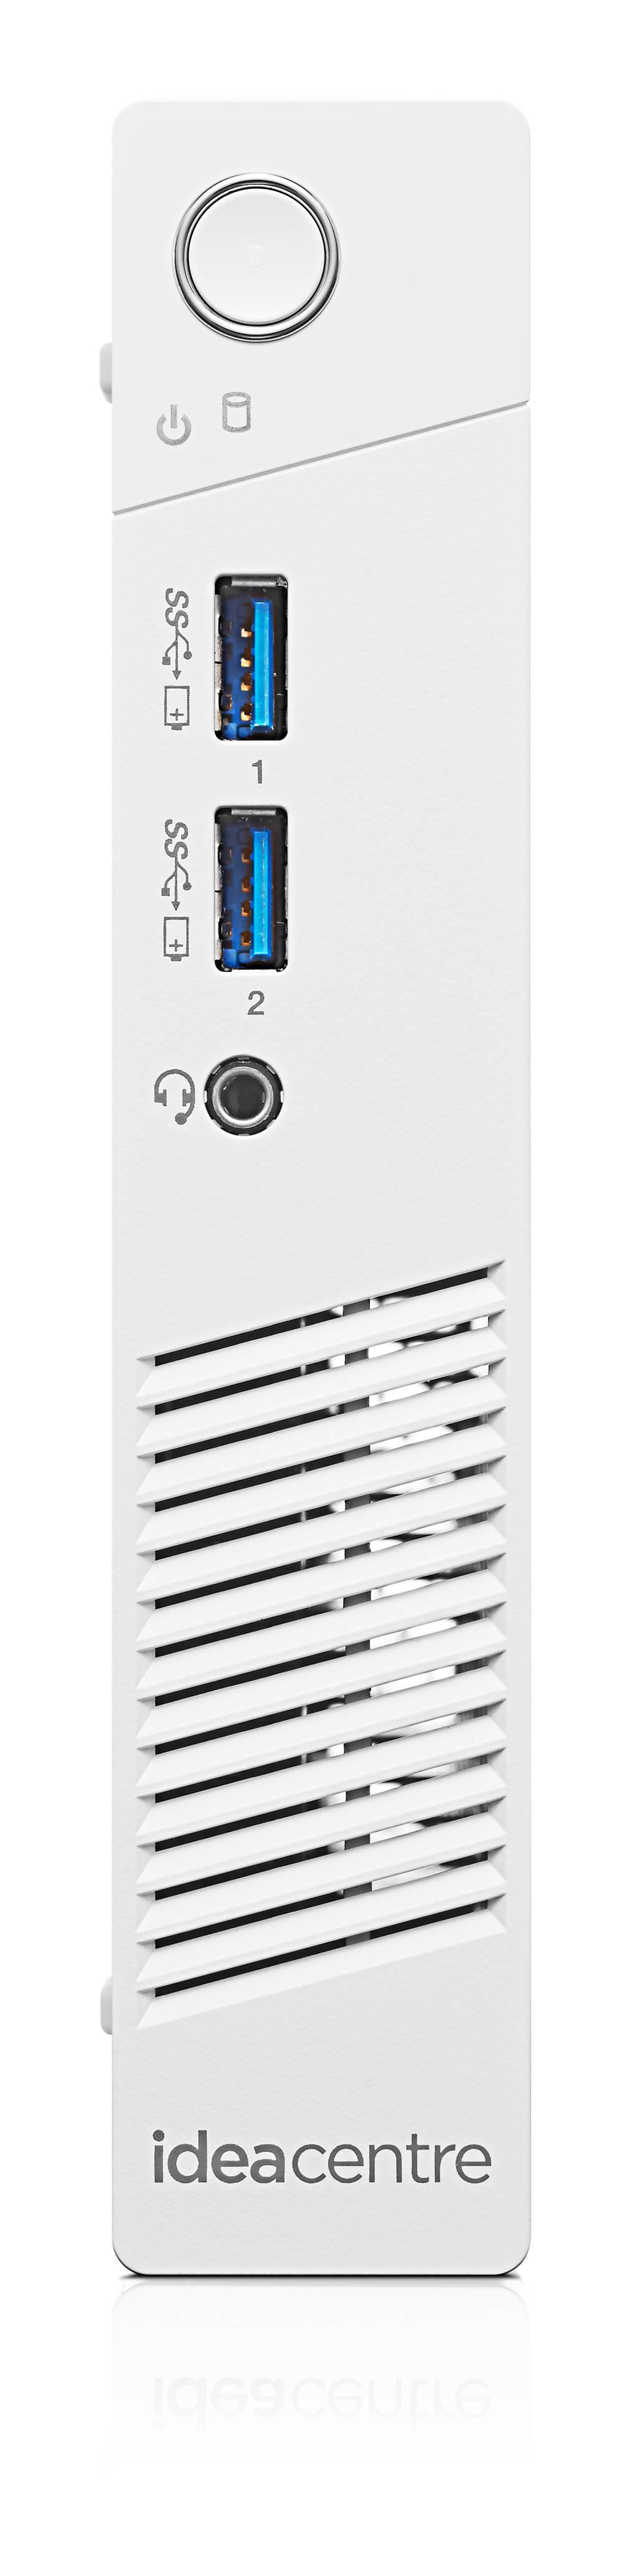 Lenovo IdeaCentre 200 i3-5005U/500GB/4G/INT/DOS